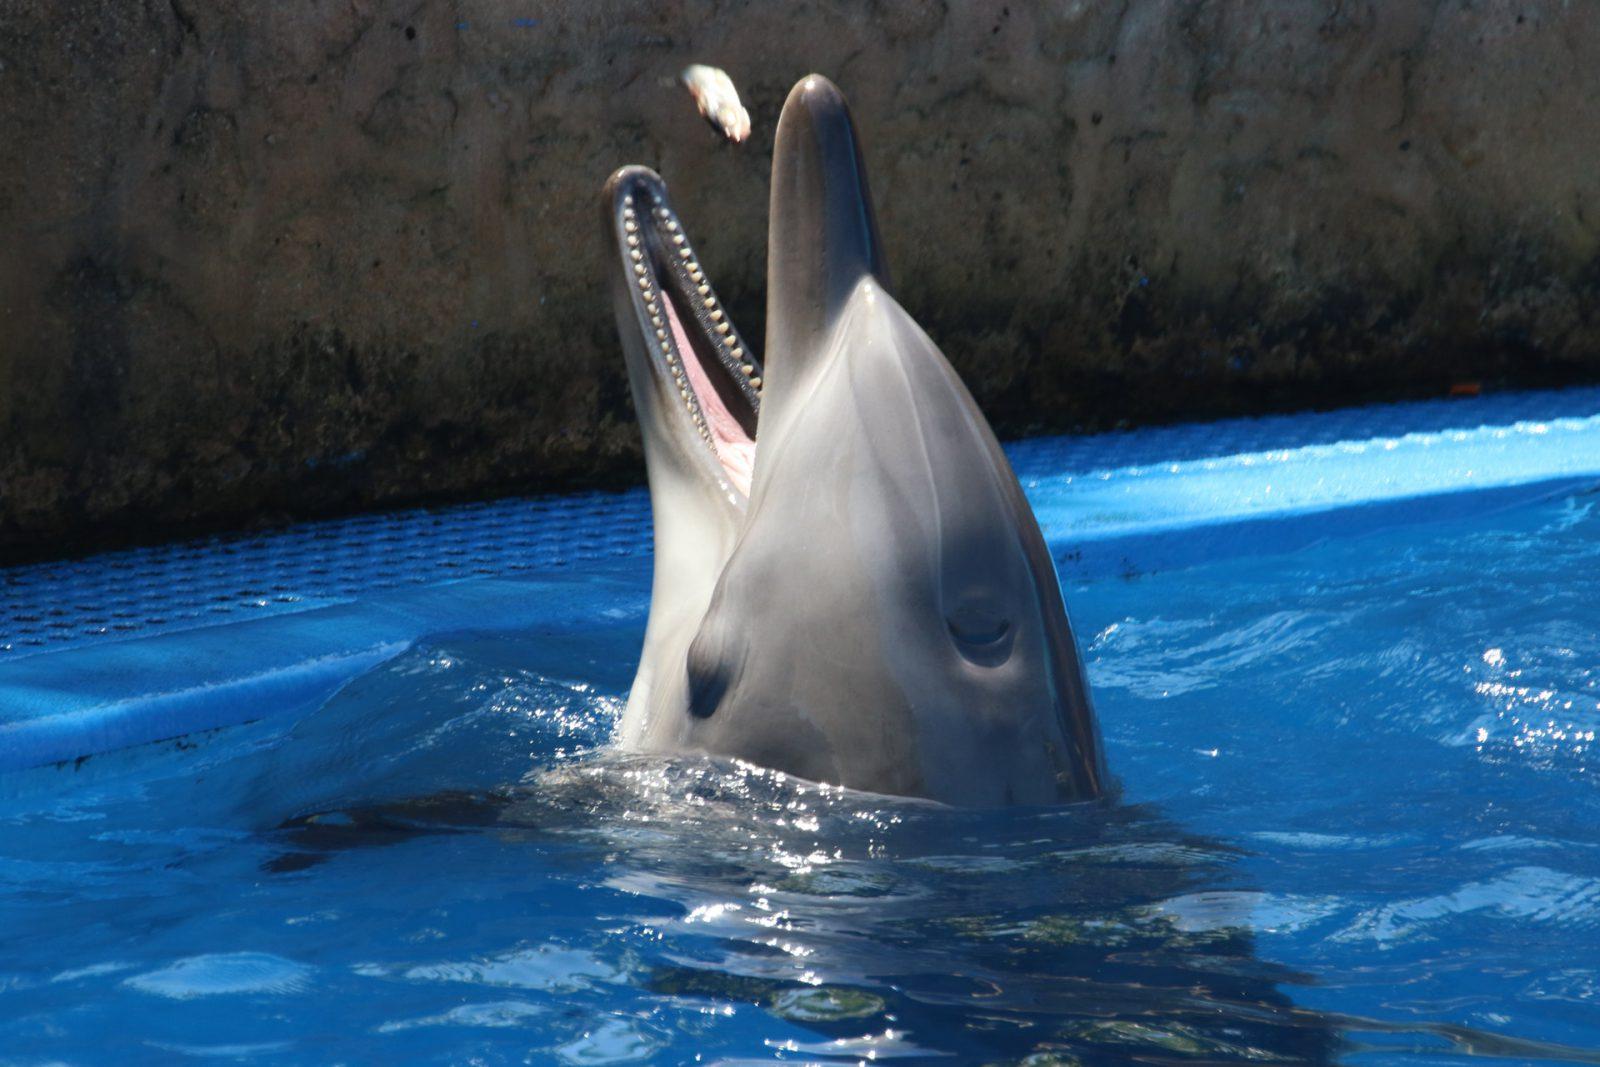 O golfinho é caçado em vários locais no mundo e está em extinção.